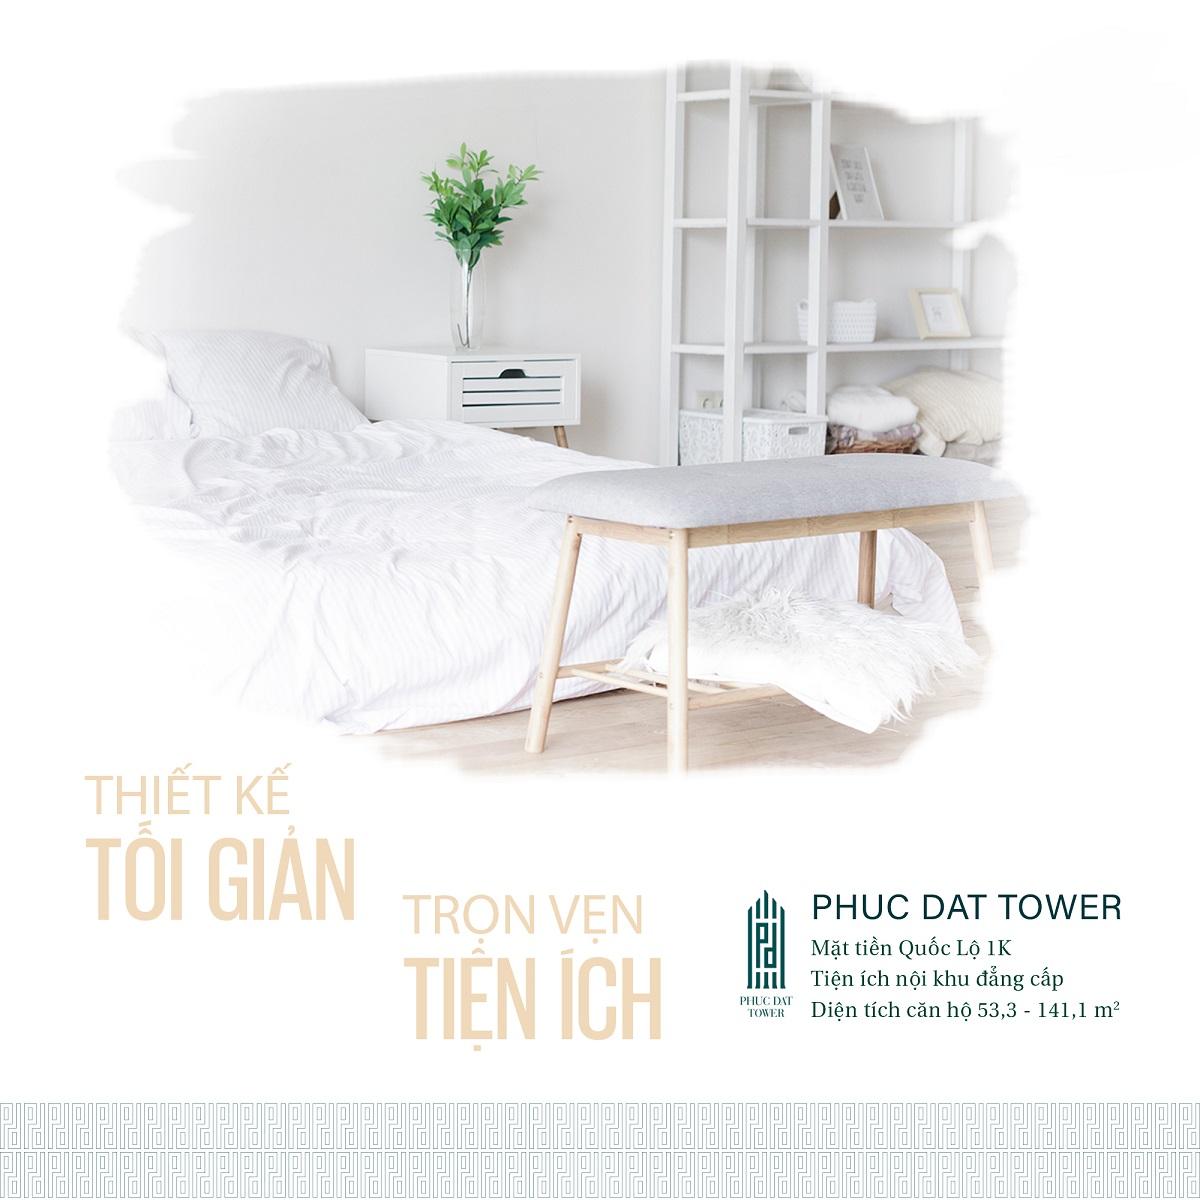 thiet-ke-phuc-dat-tower-binh-duong